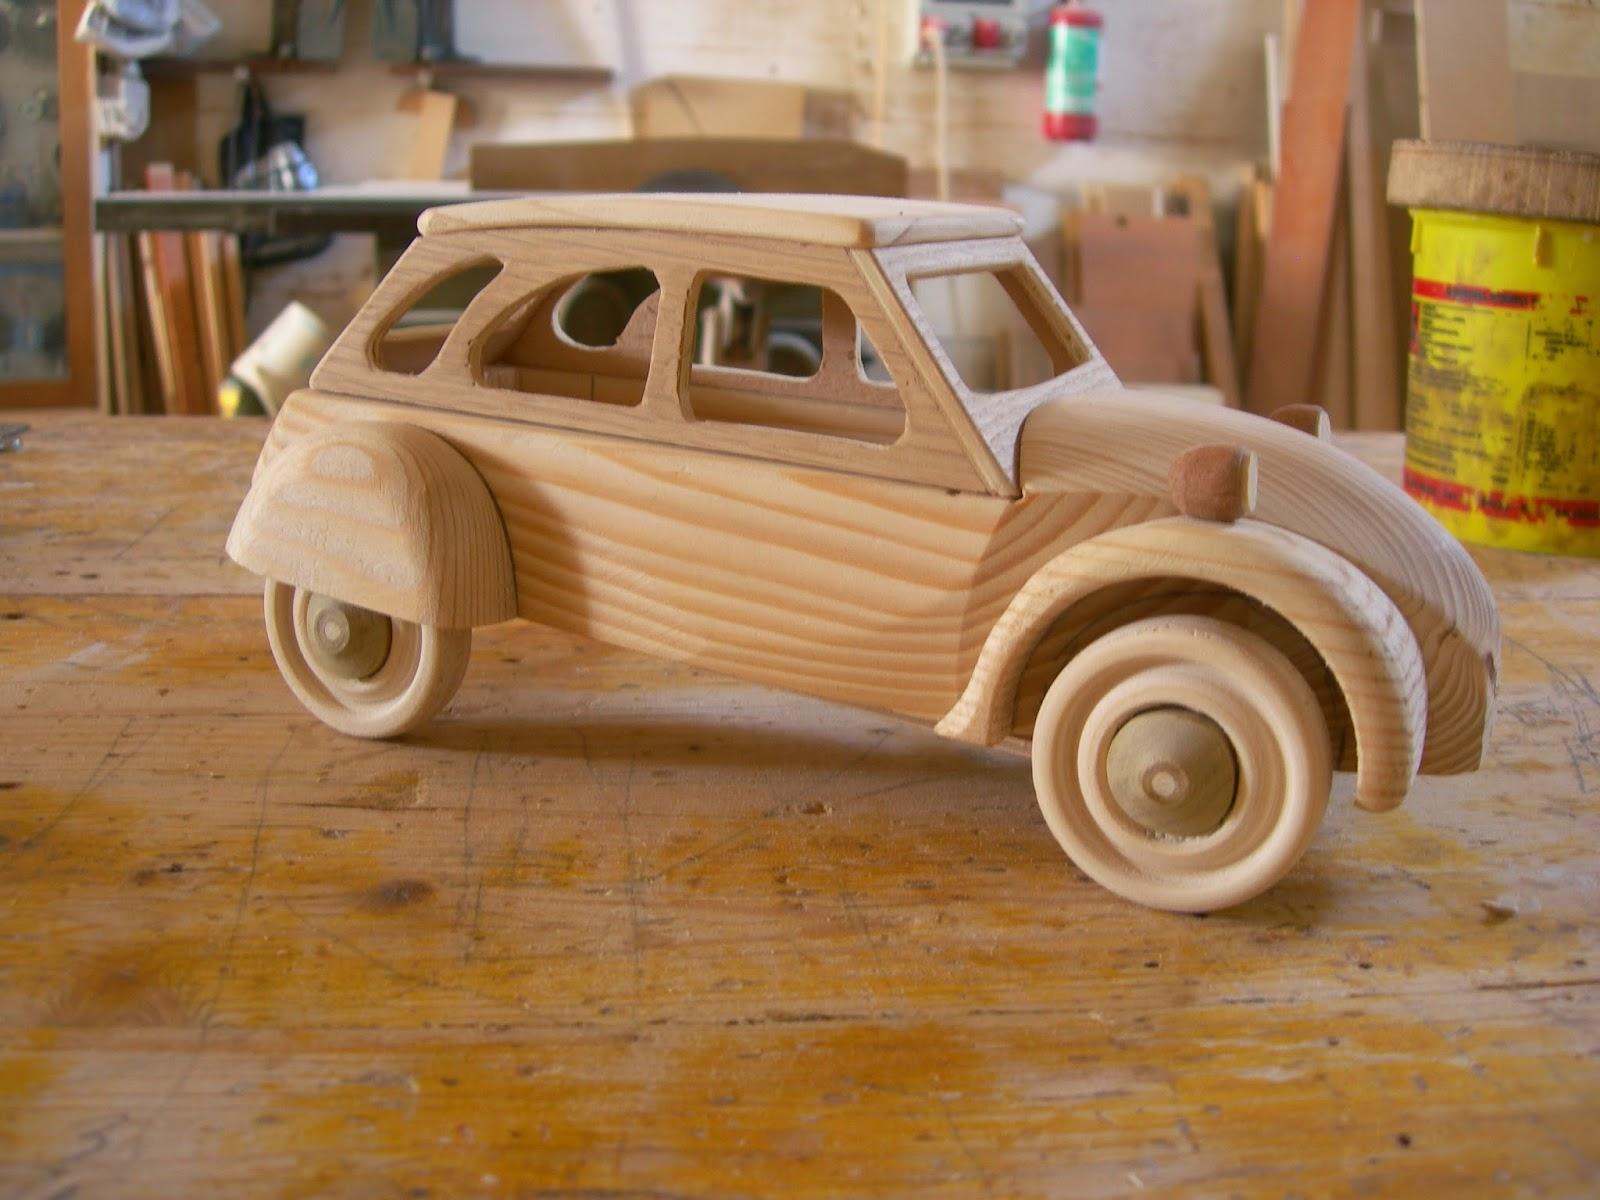 Artigianato fai da te made in italy legno metalli e for Creare oggetti utili fai da te